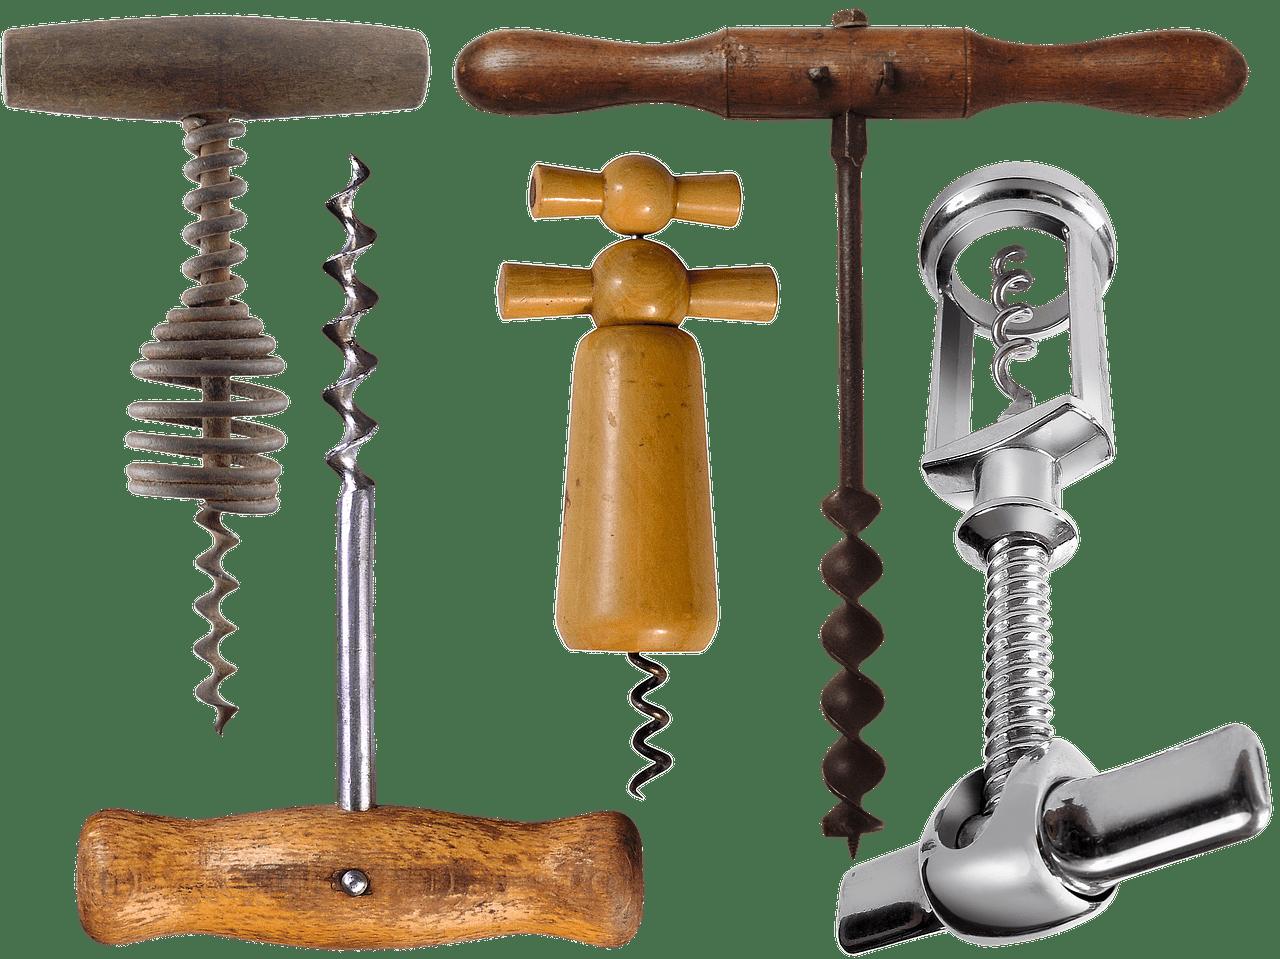 Neben Glockenkorkenziehern gibt es auch viele andere Modelle.